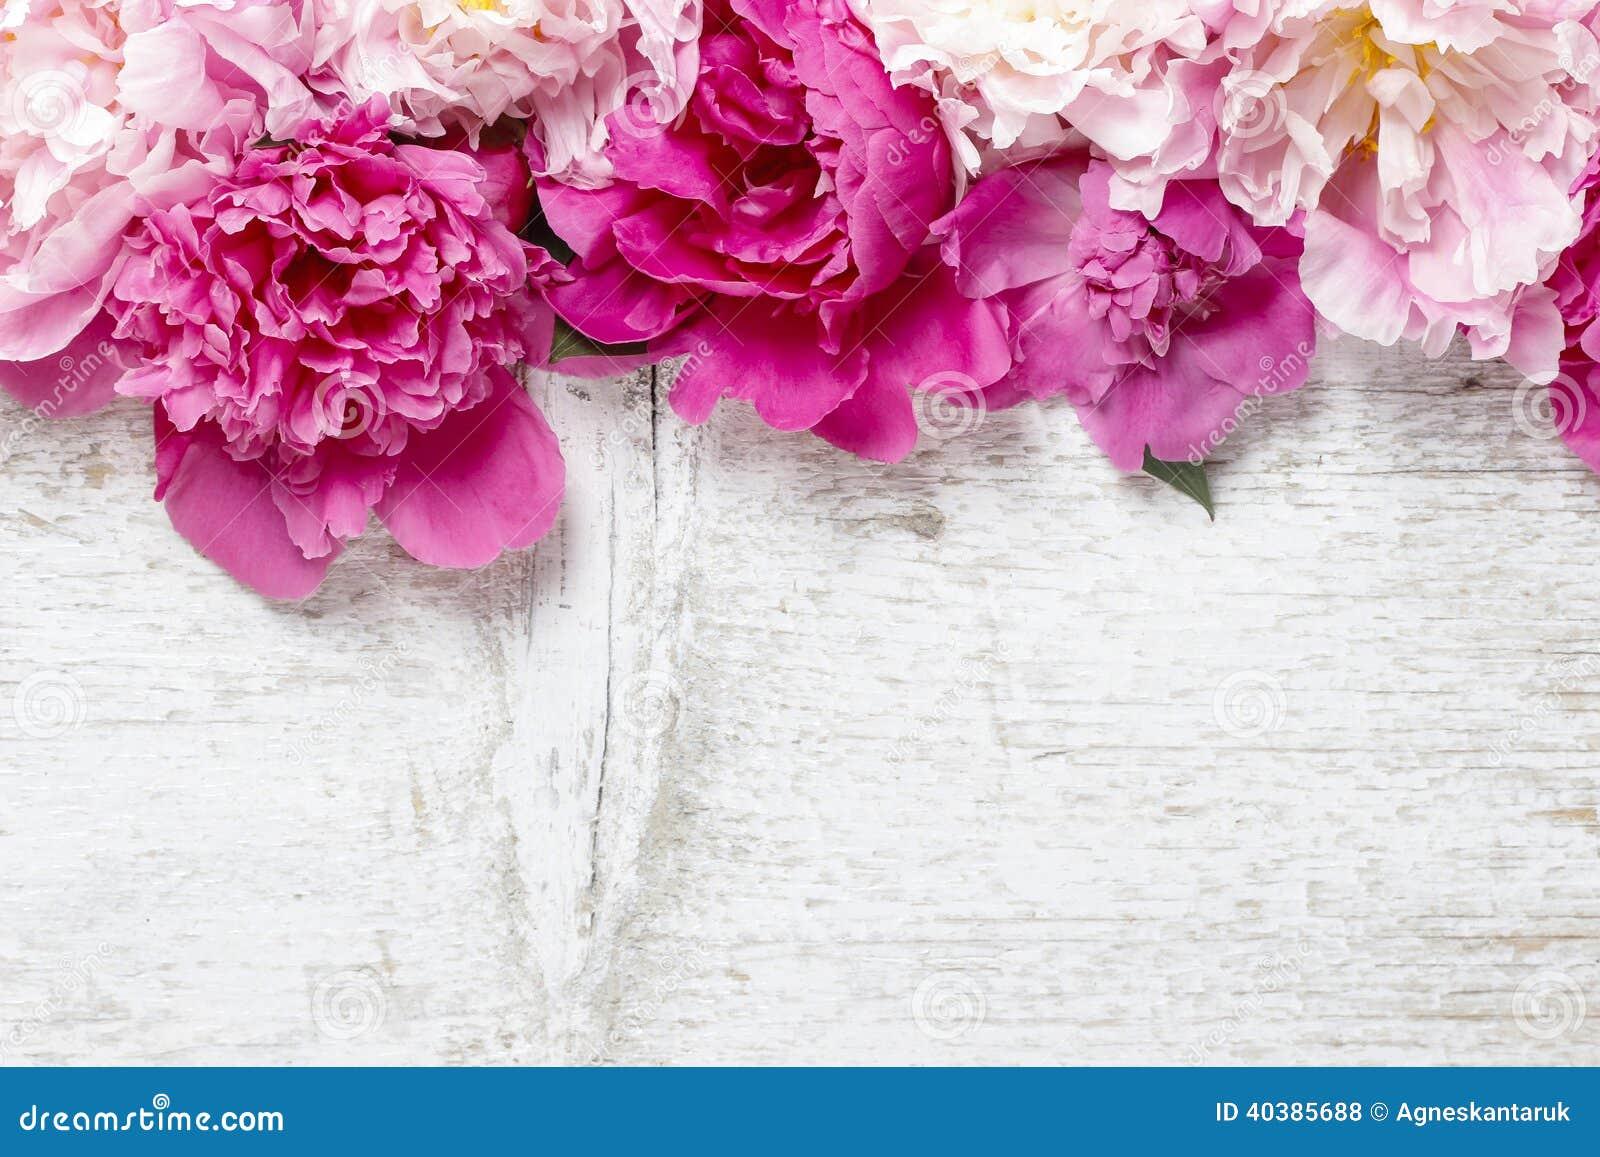 Peonie rosa sbalorditive su fondo di legno rustico bianco